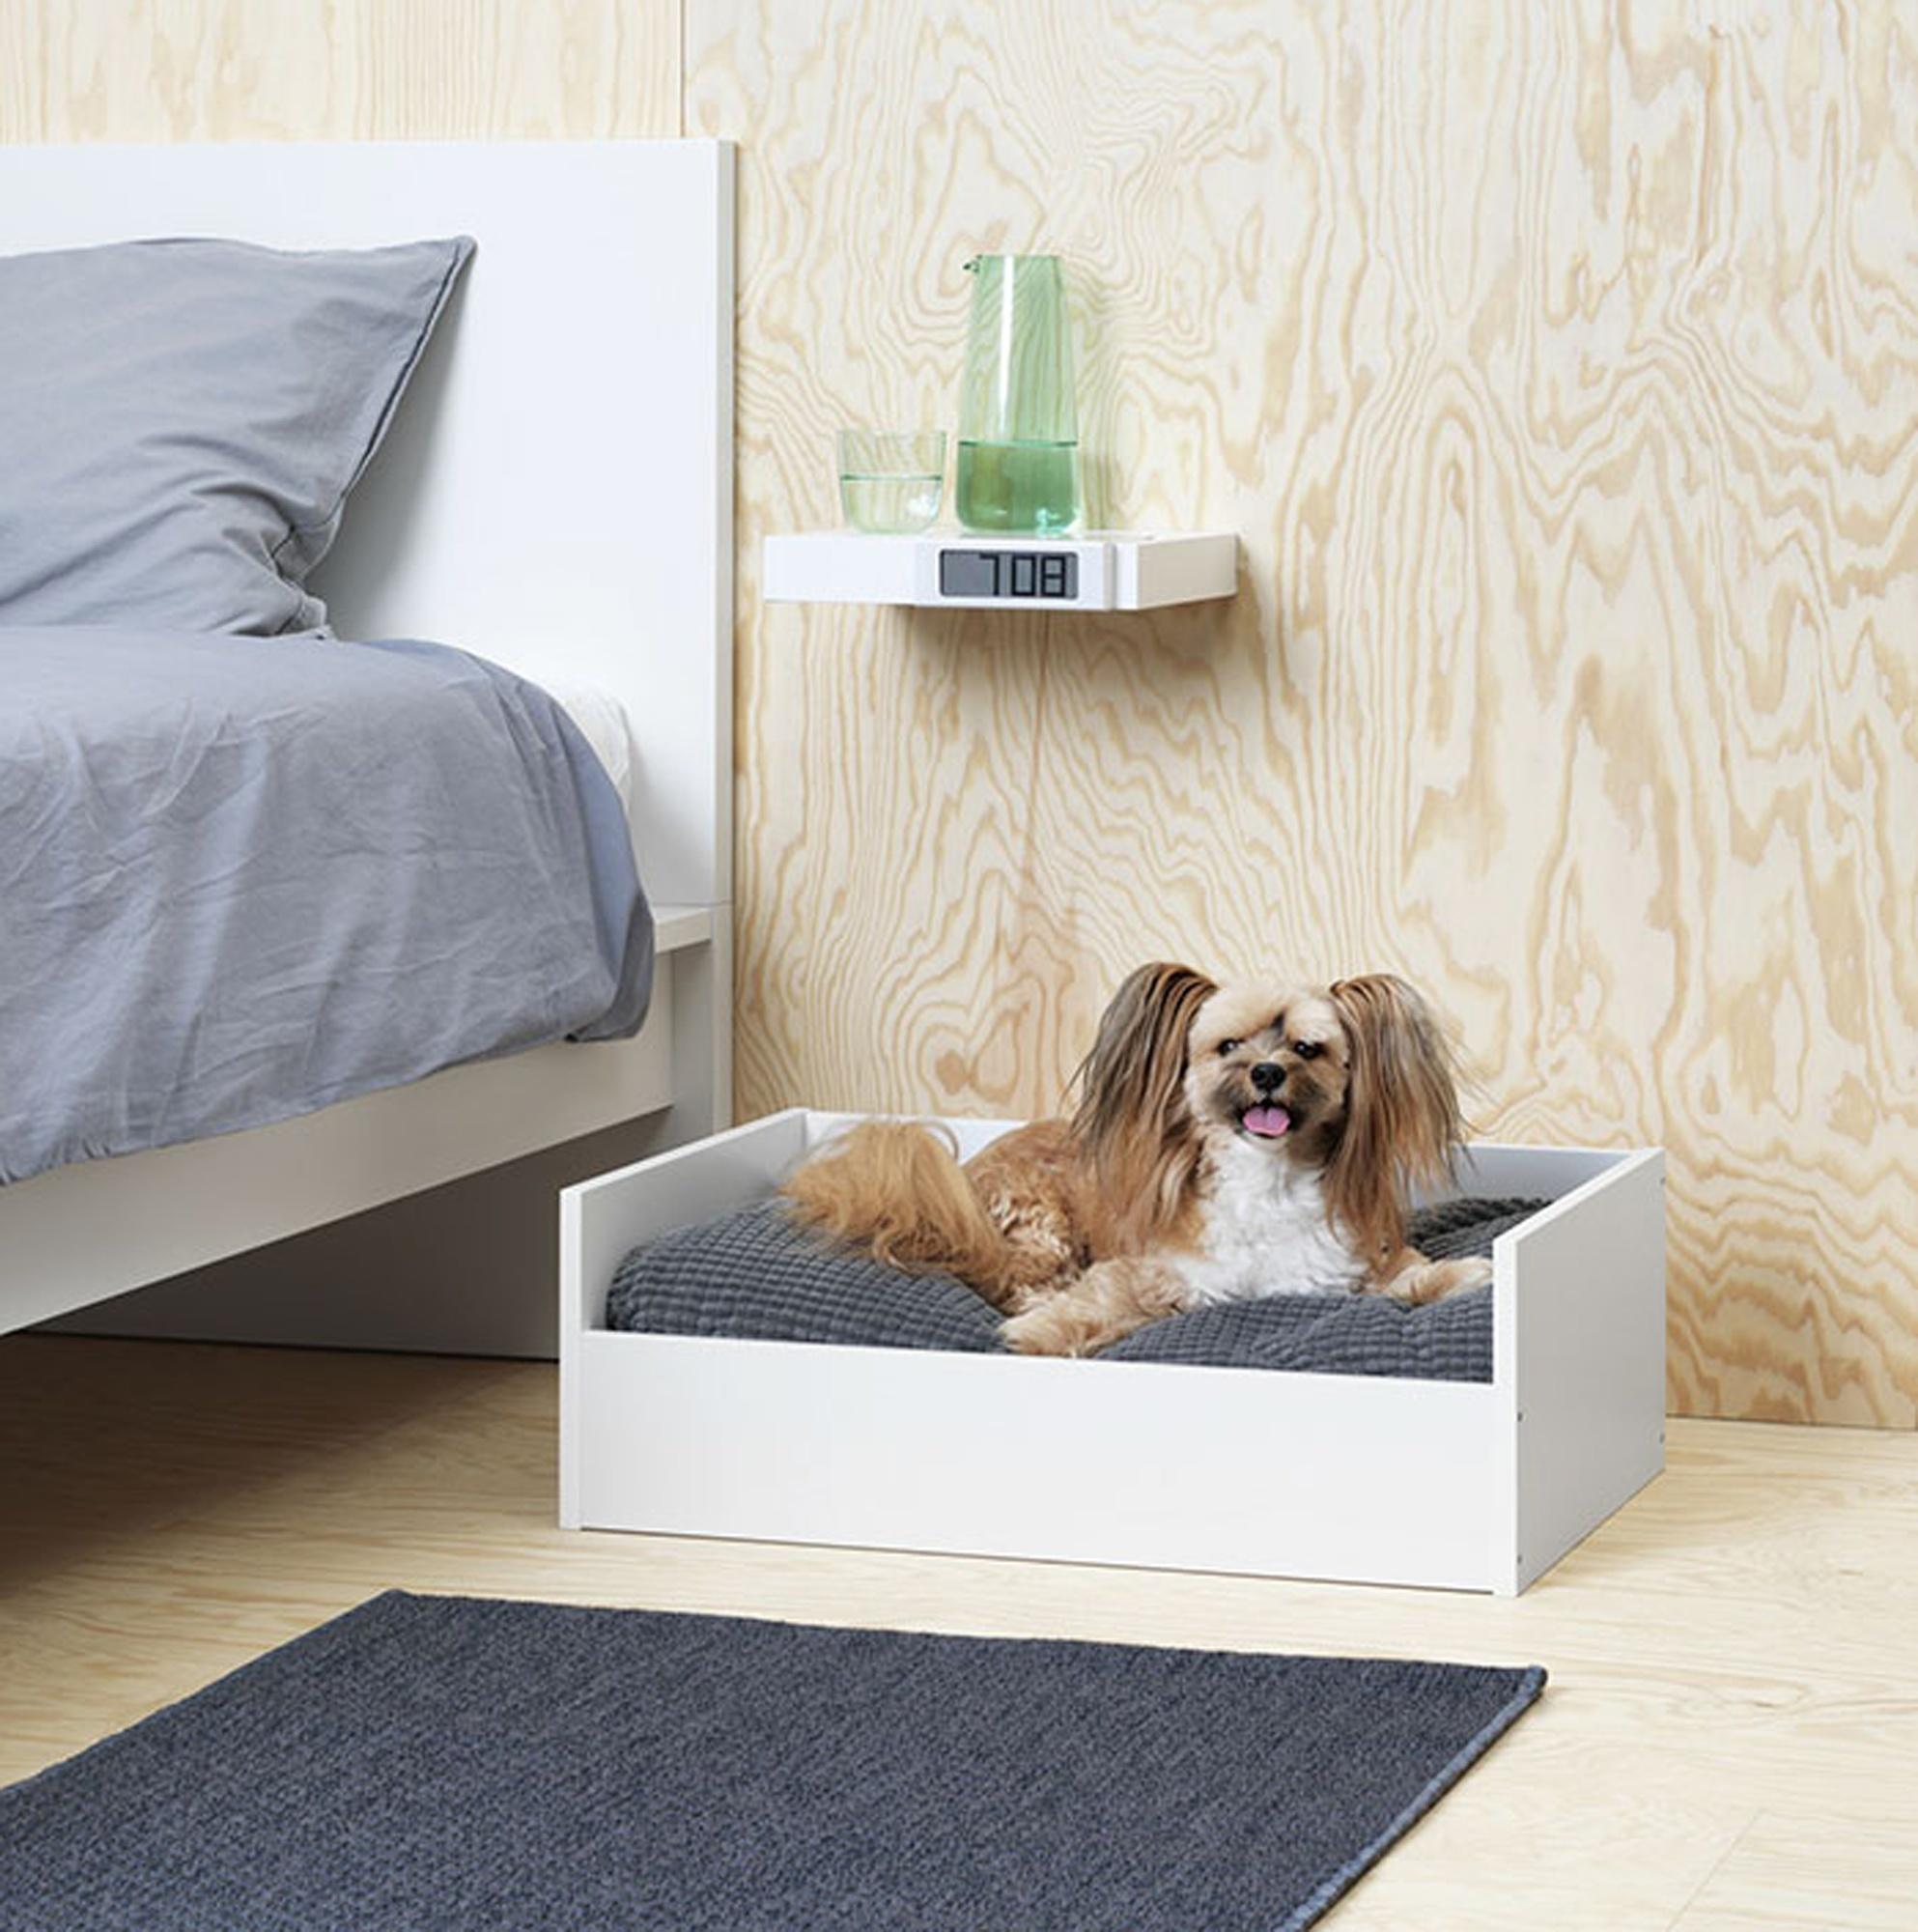 Ikea Meble Dla Zwierząt Kolekcja Gadżetów Podbije Wasze